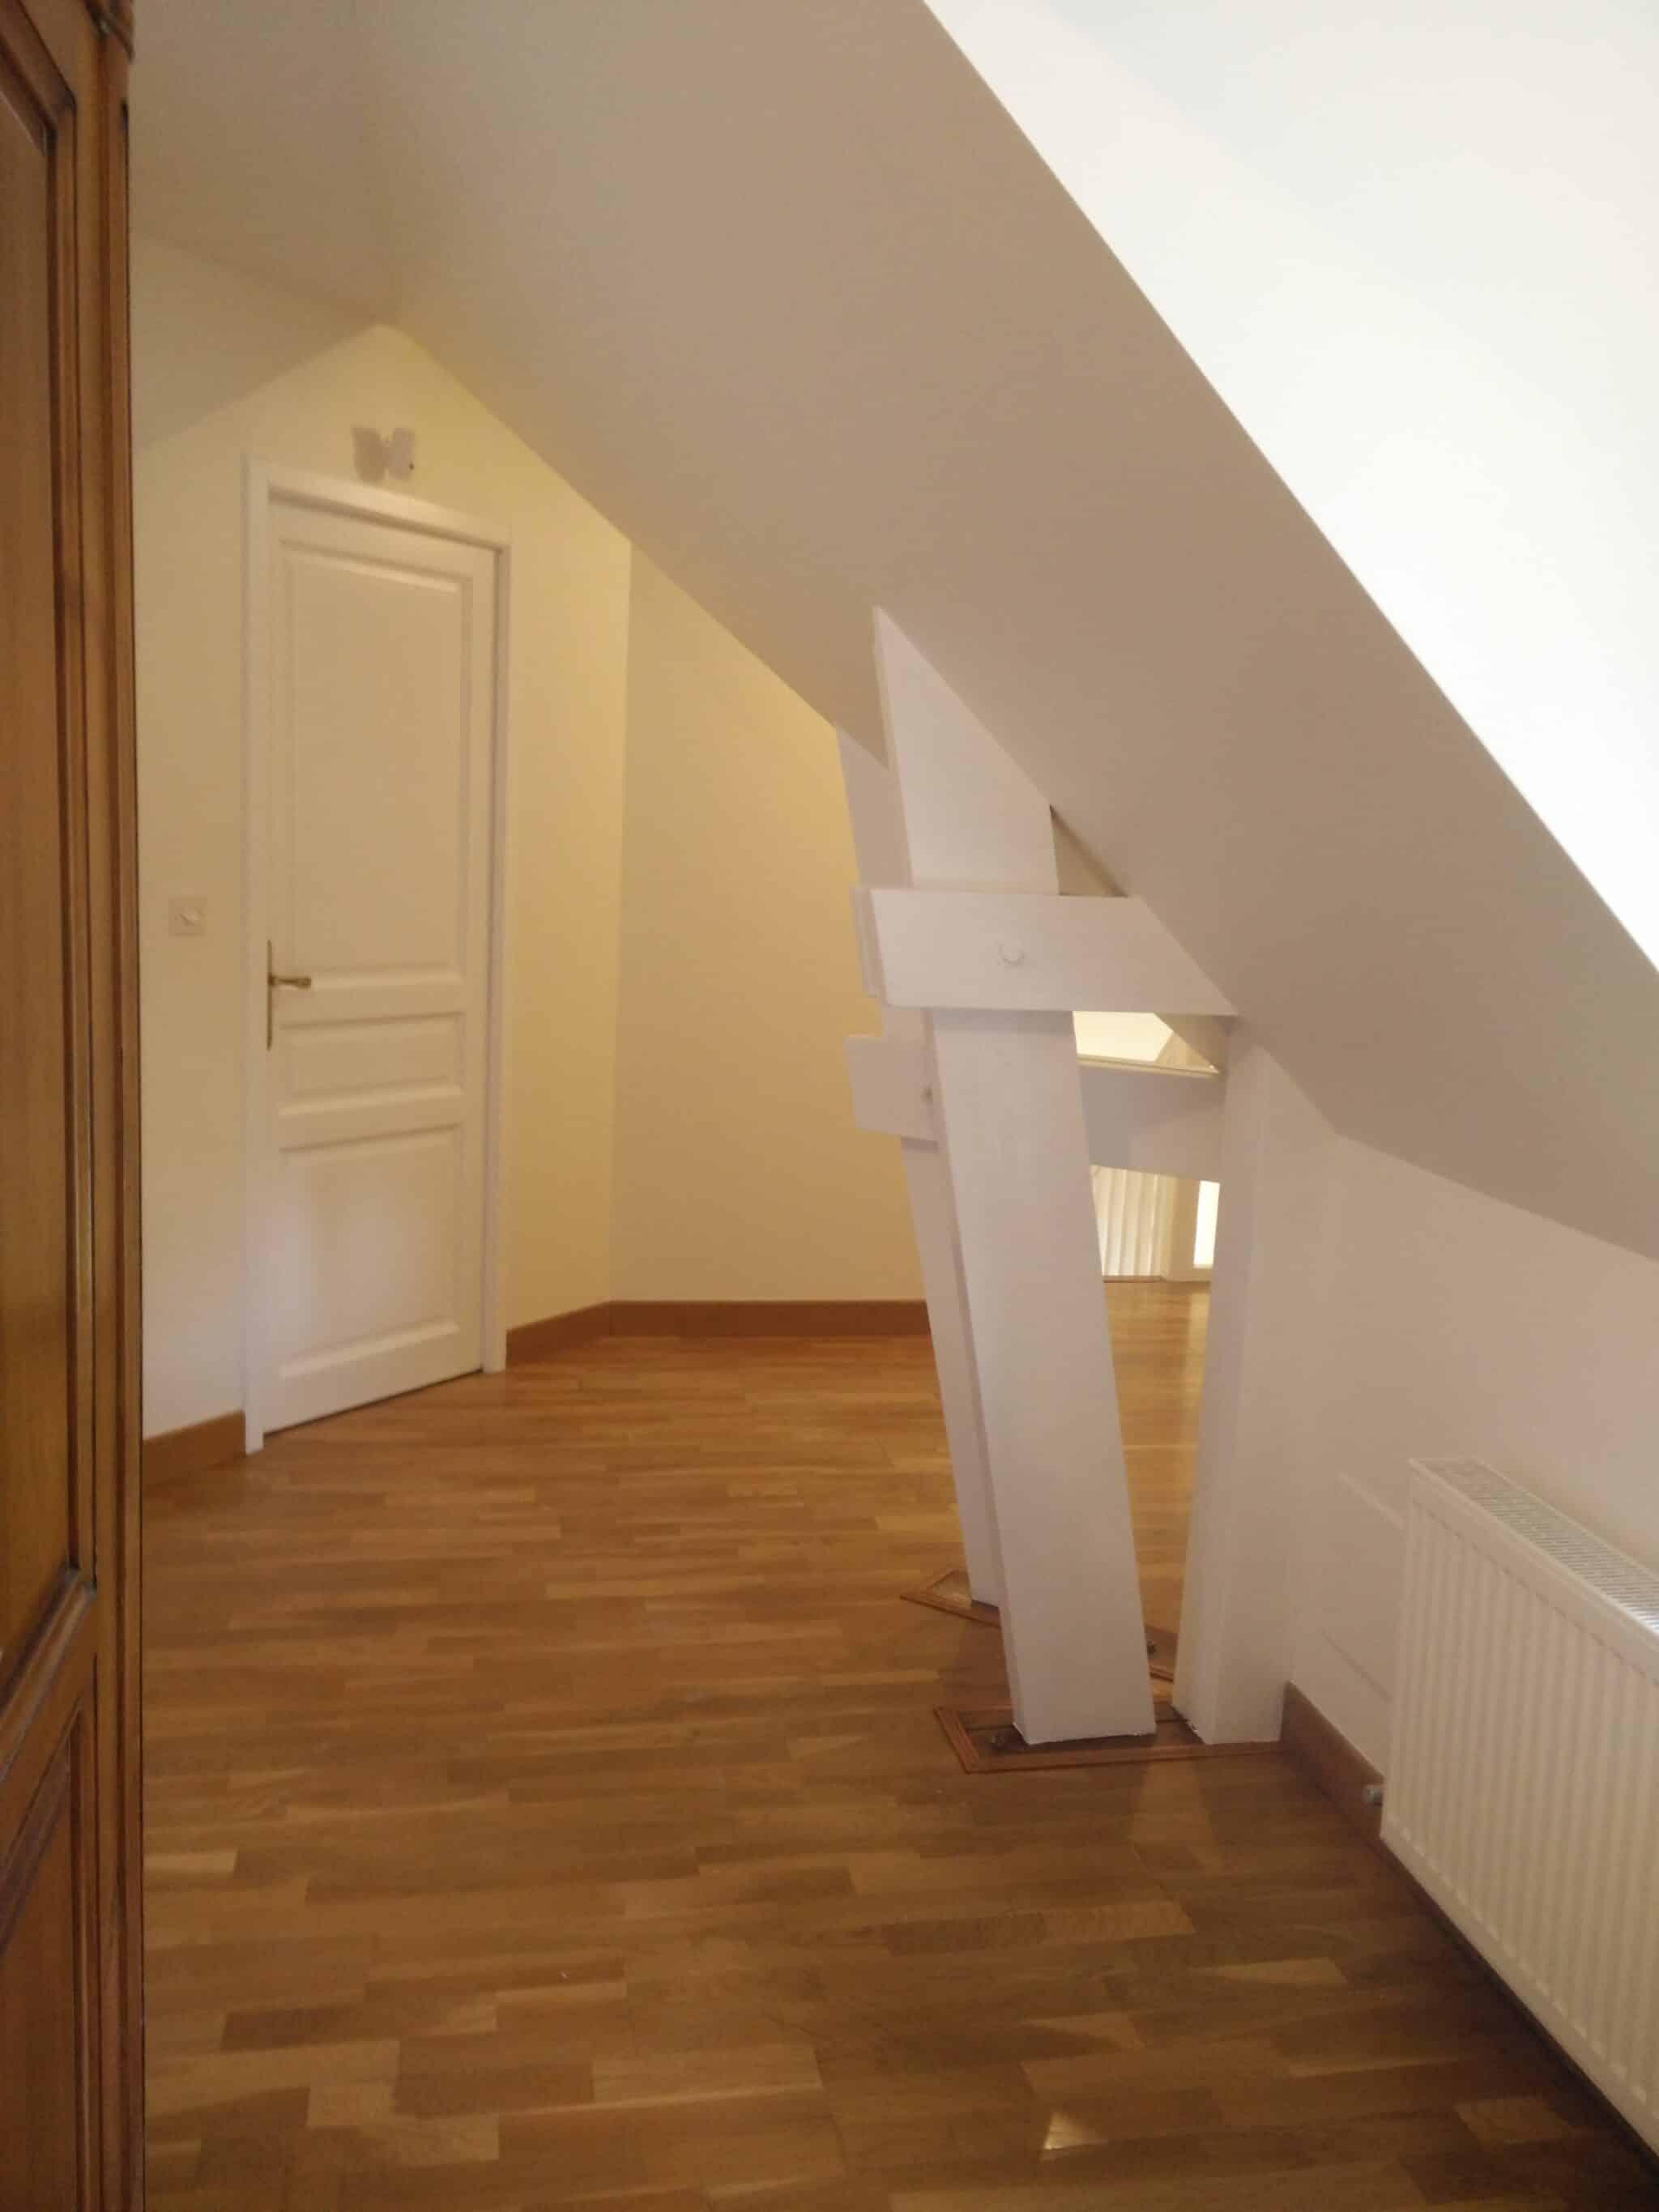 r alisation peinture couloir blanc artisan peintre orl ans st ph d co. Black Bedroom Furniture Sets. Home Design Ideas